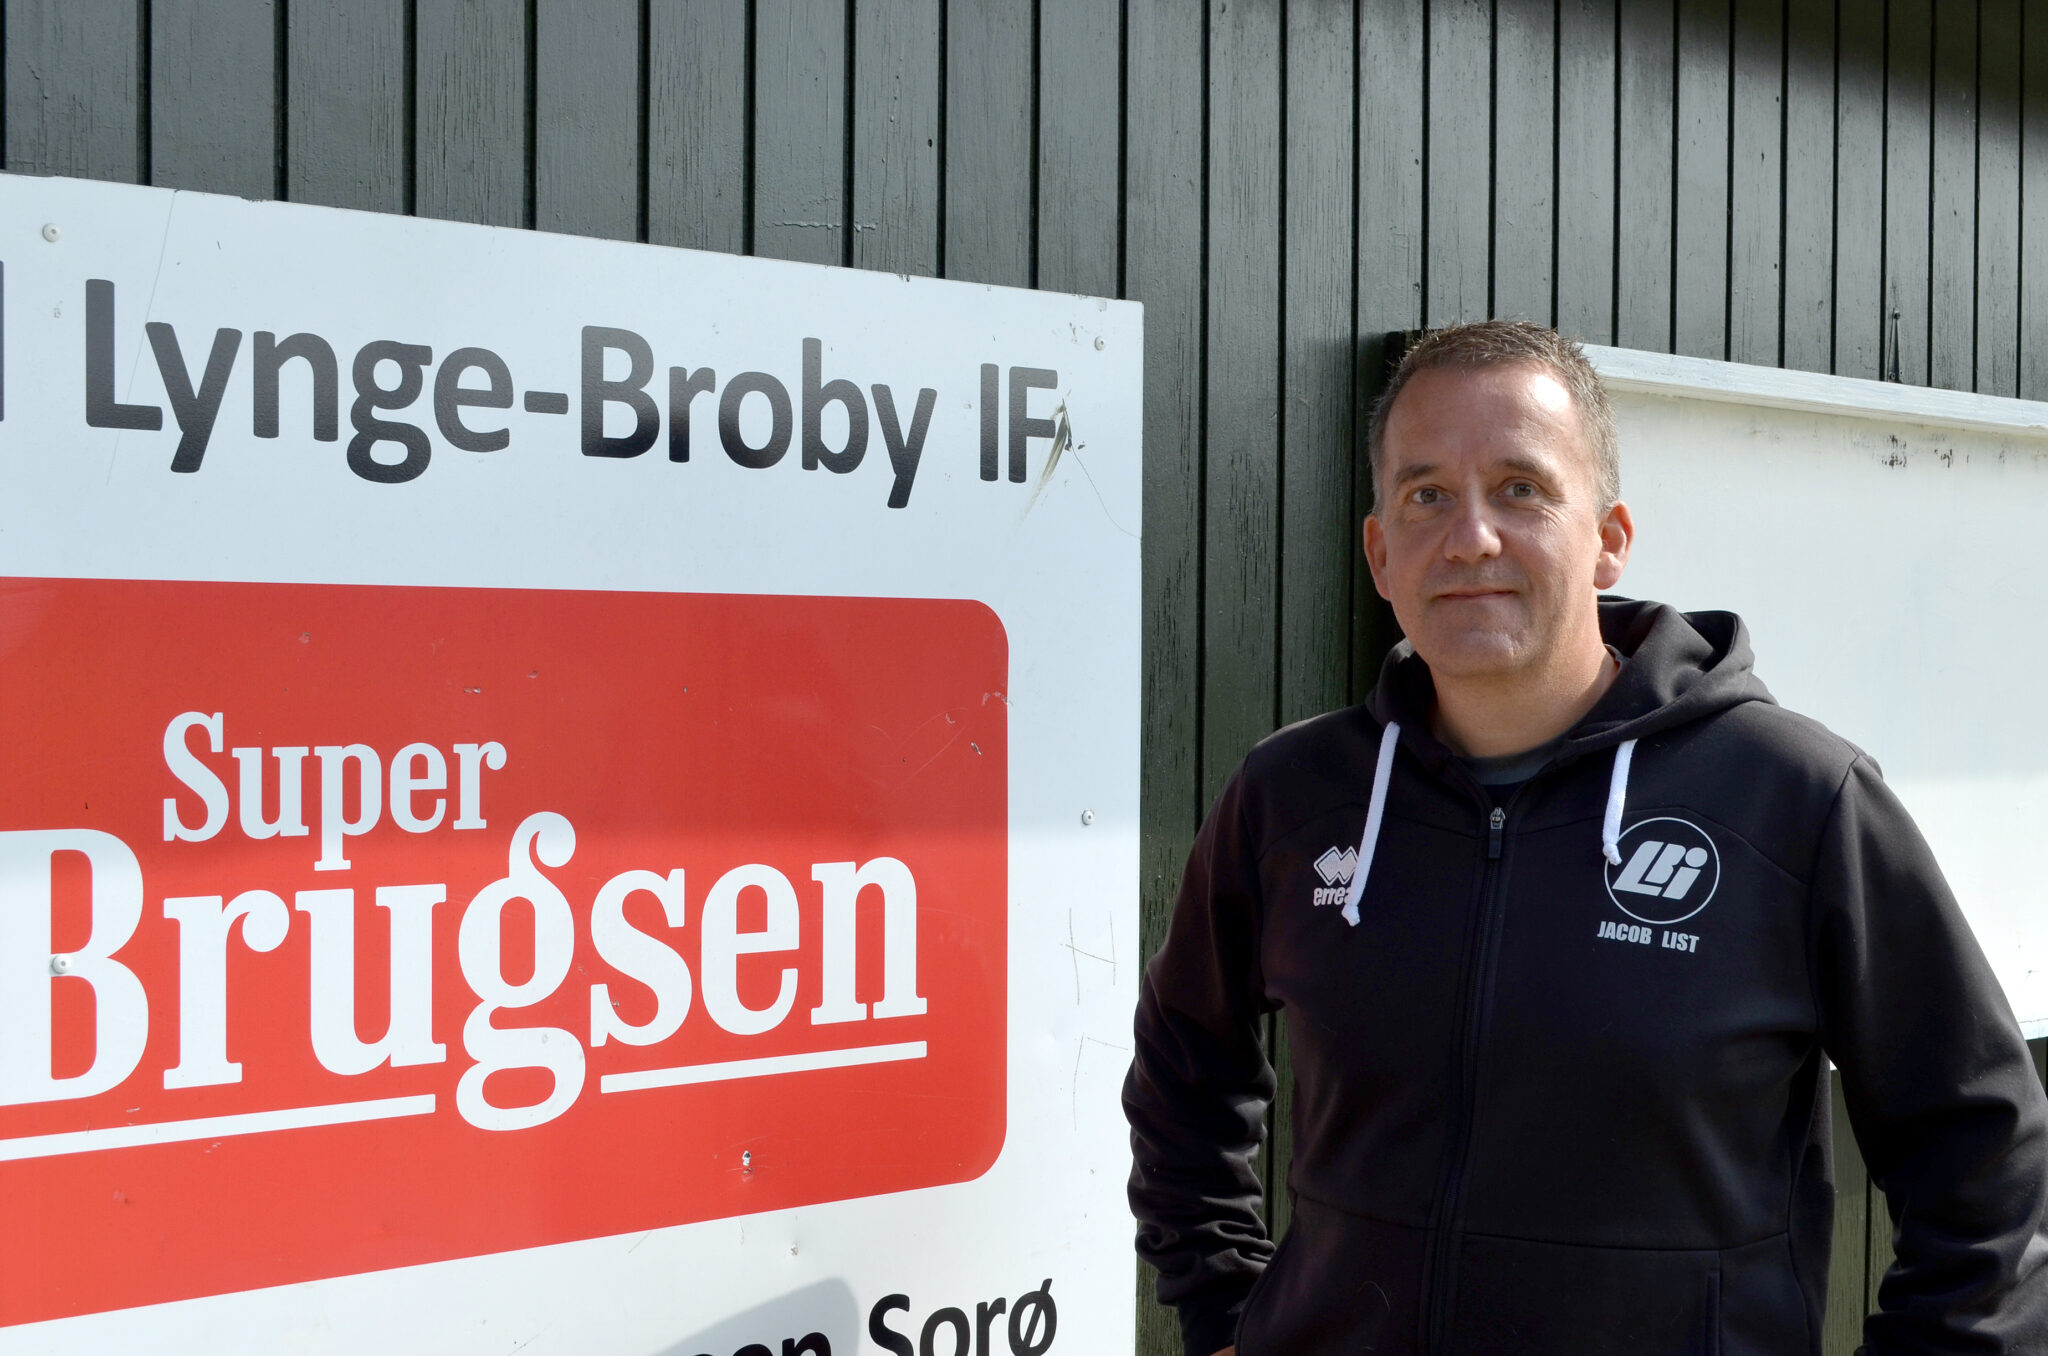 Jacob Kristensen, 49 år, er til daglig IT-konsulent i pensionsfirmaet Velliv. Han tror på fremtiden i Lynge-Broby IF, men savner redskaber fra DBU. (Foto: DTU)